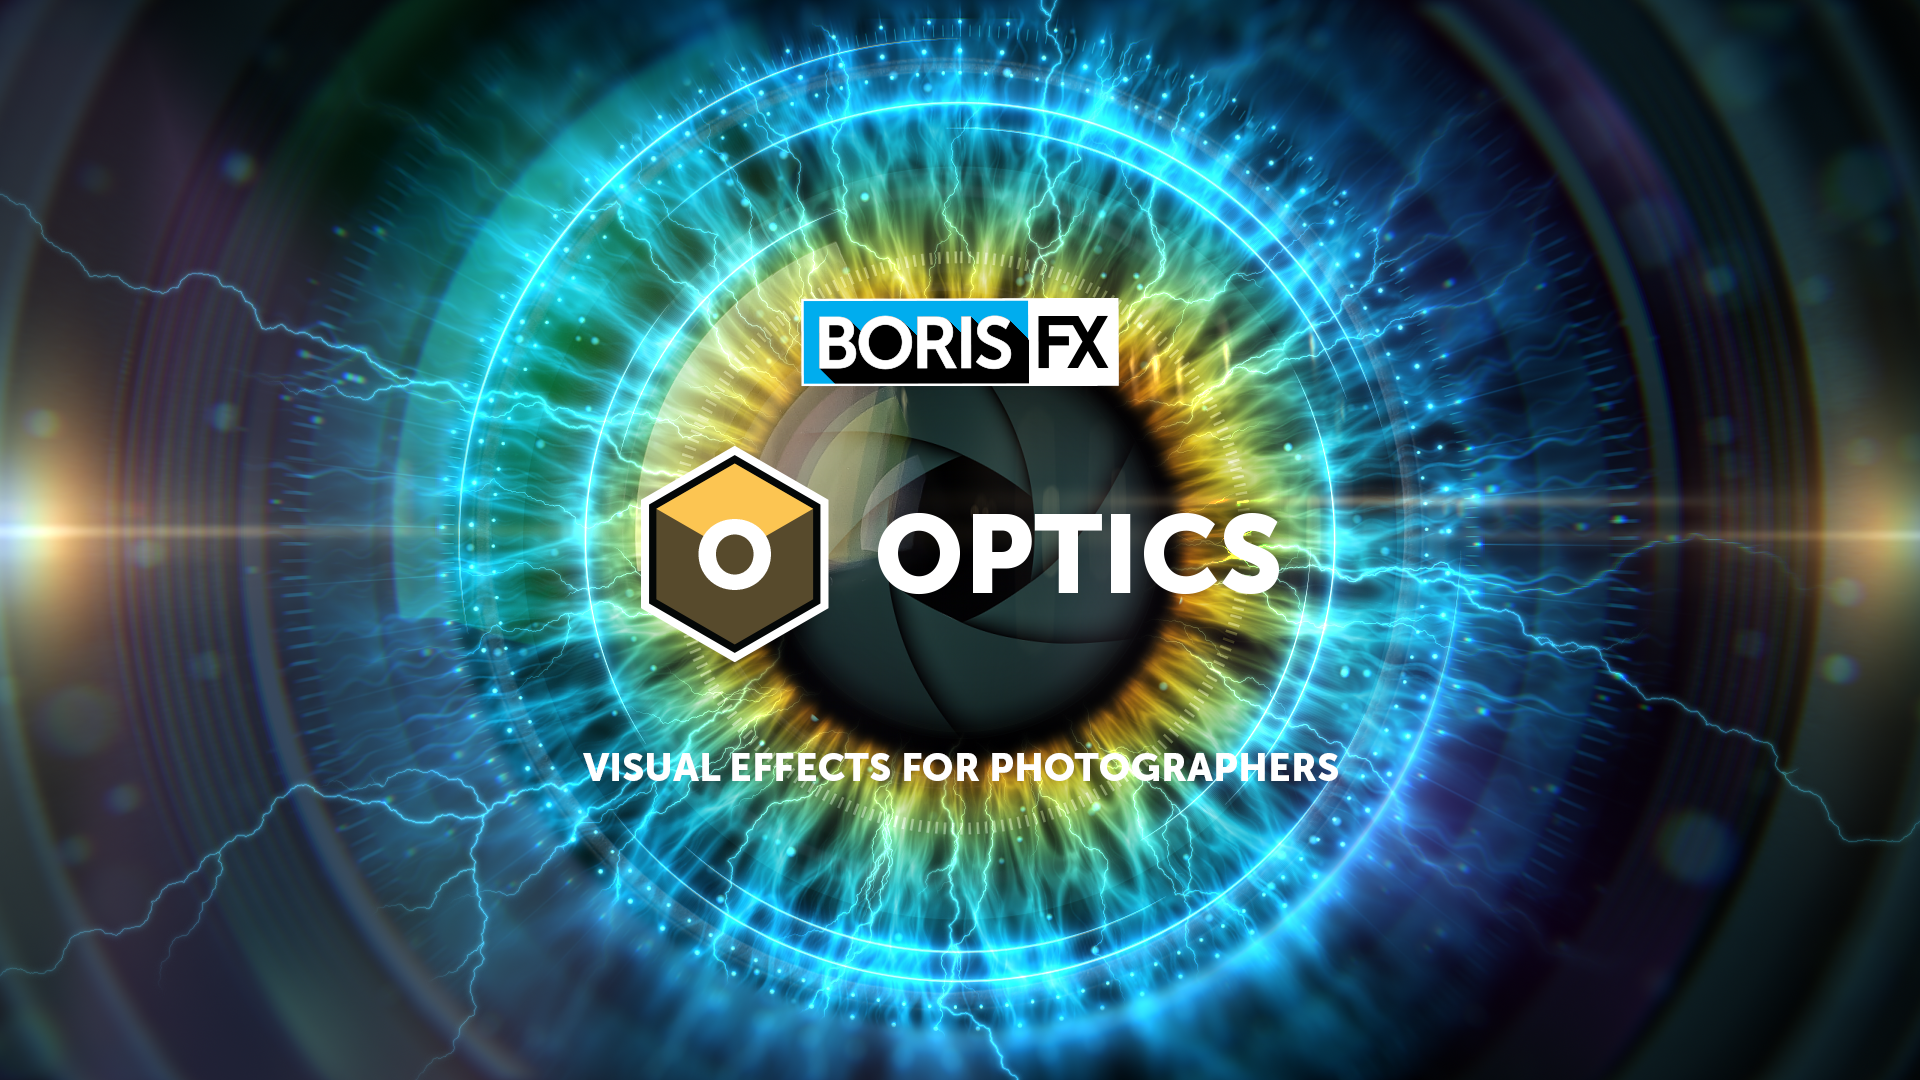 Optics hero image